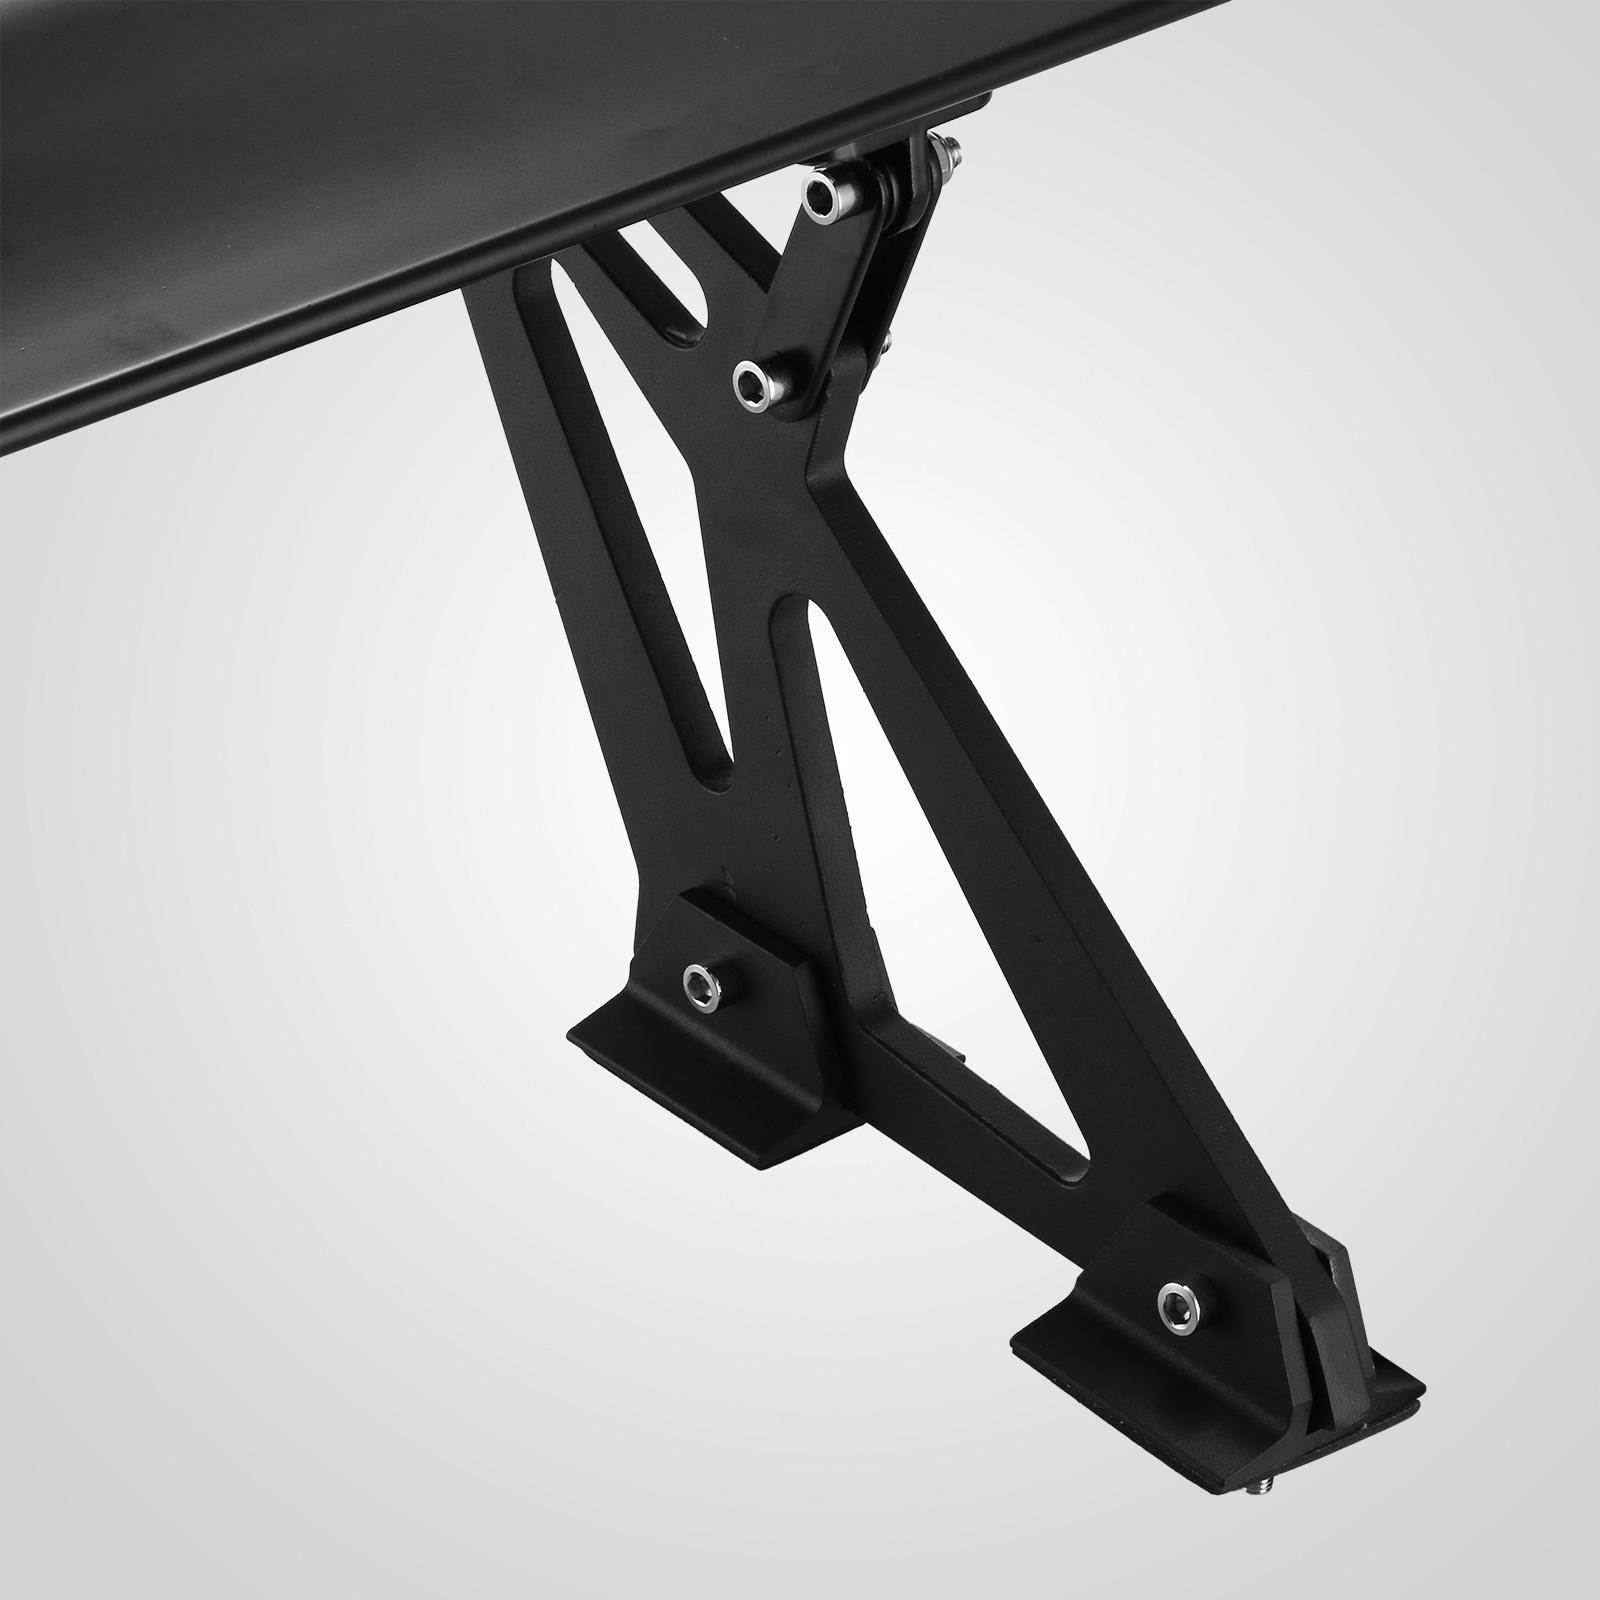 universal hatch adjustable aluminum gt rear trunk wing racing spoiler vevor ebay. Black Bedroom Furniture Sets. Home Design Ideas